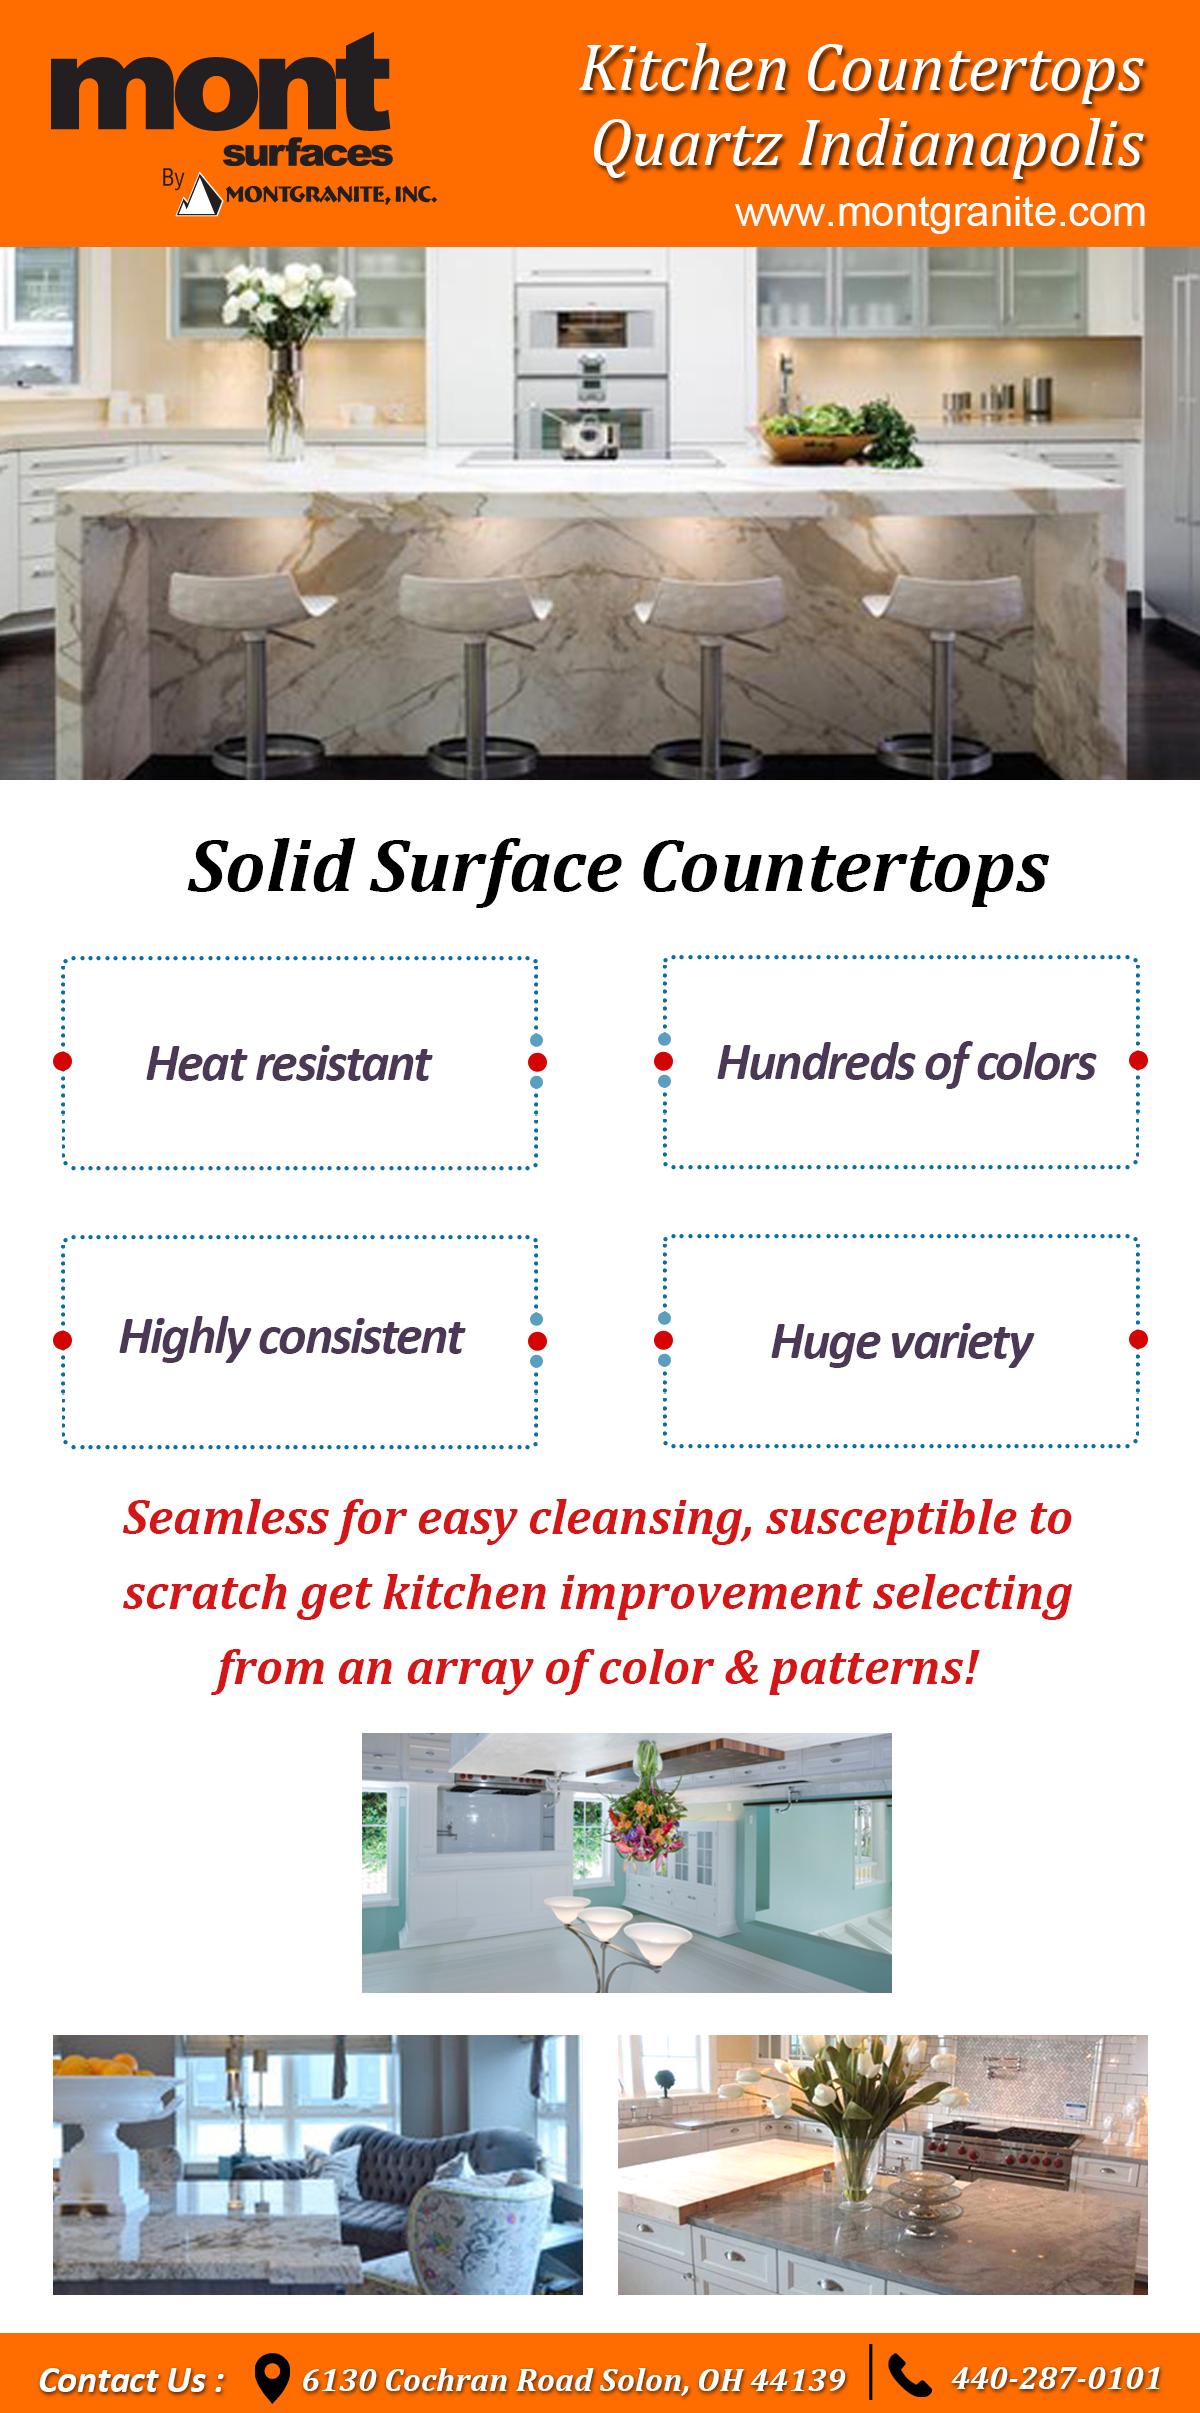 quartz countertops indianapolis cambria mont largest stone surface collection kitchen quartz countertops indianapolis hurry up tomorrow countertops